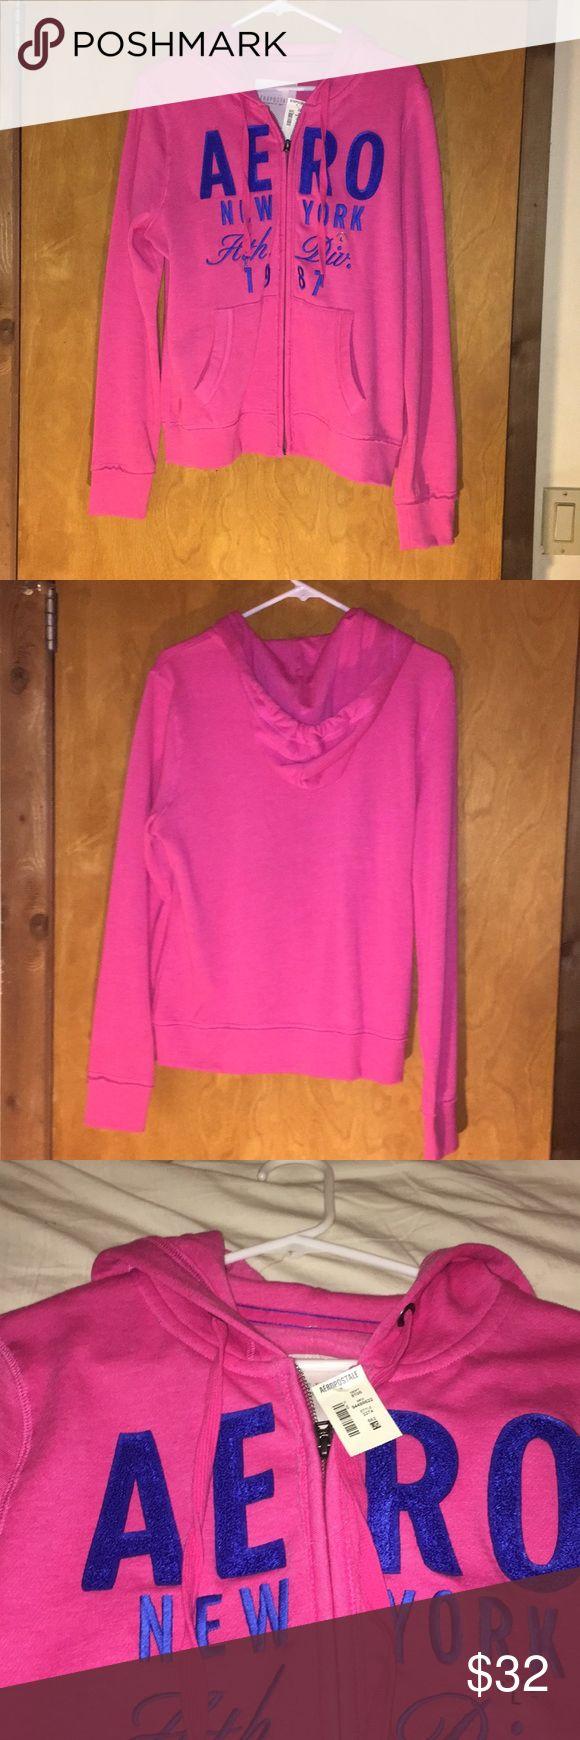 Aeropostale hoodie Aeropostale hot pink and blue zip up hoody, Size Large NWT Aeropostale Tops Sweatshirts & Hoodies